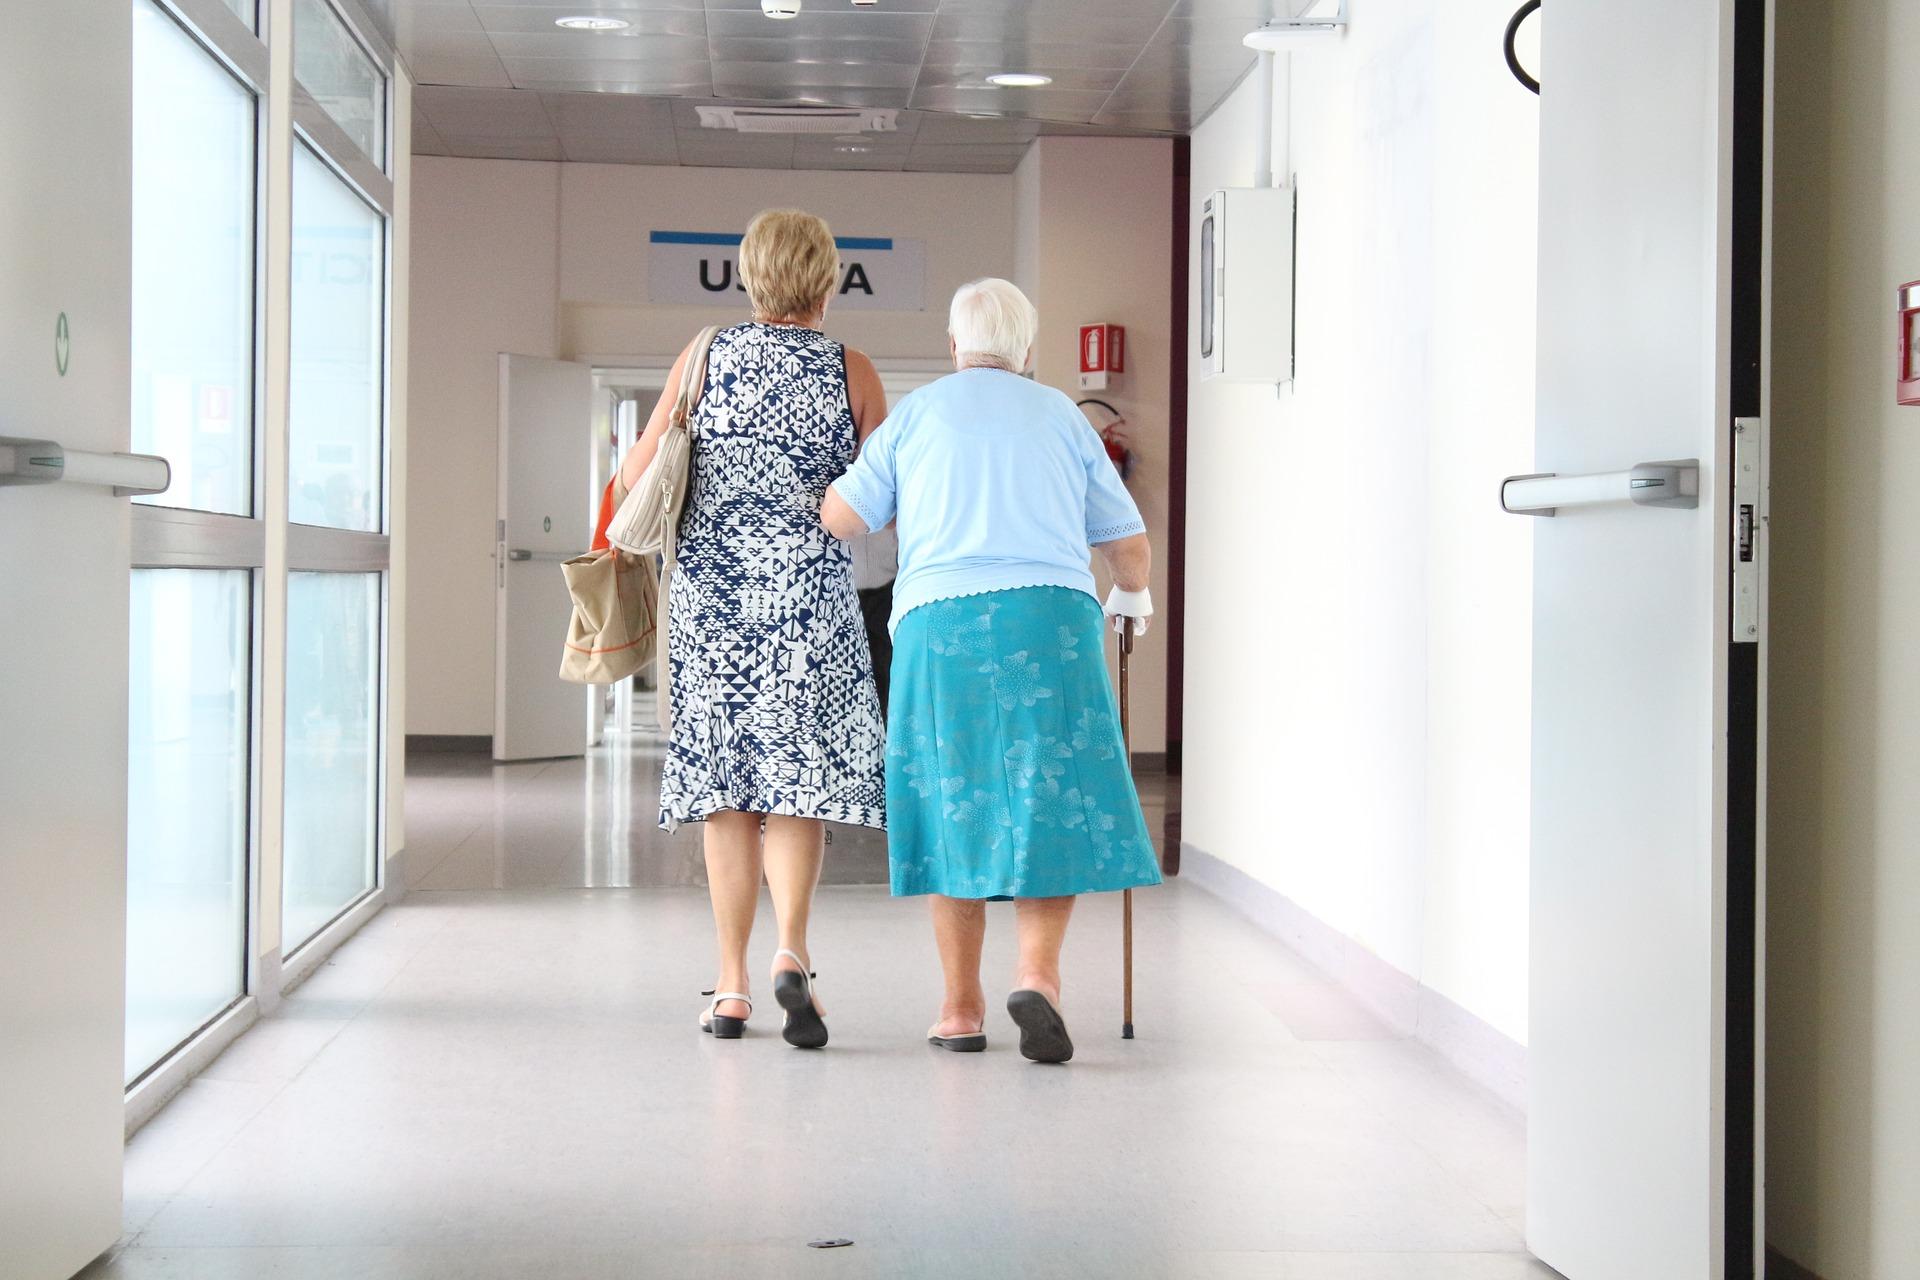 Tecrübeli Yaşlı Bakıcısında Olması Gereken Sekiz Özellik